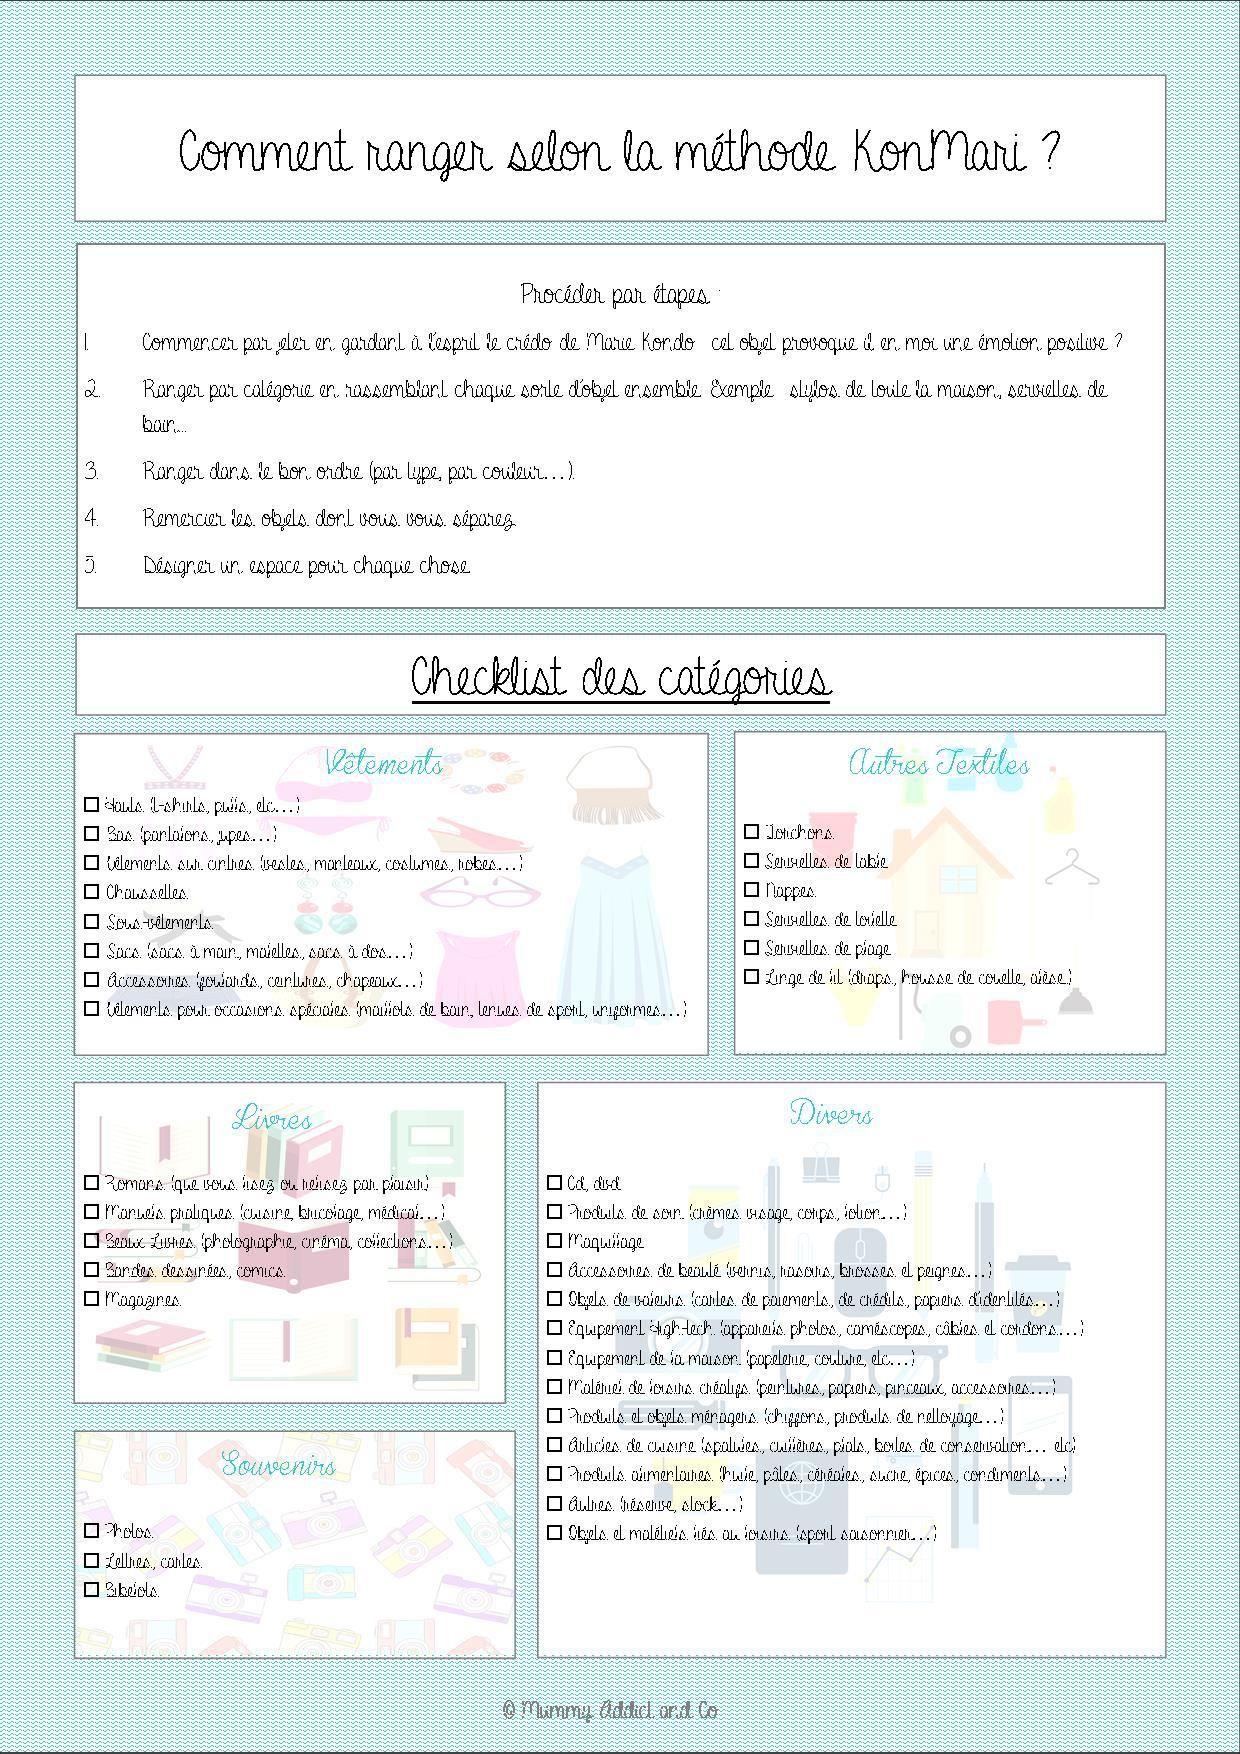 Fiche r capitulative de la m thode kon mari par for Lista de utiles de cocina